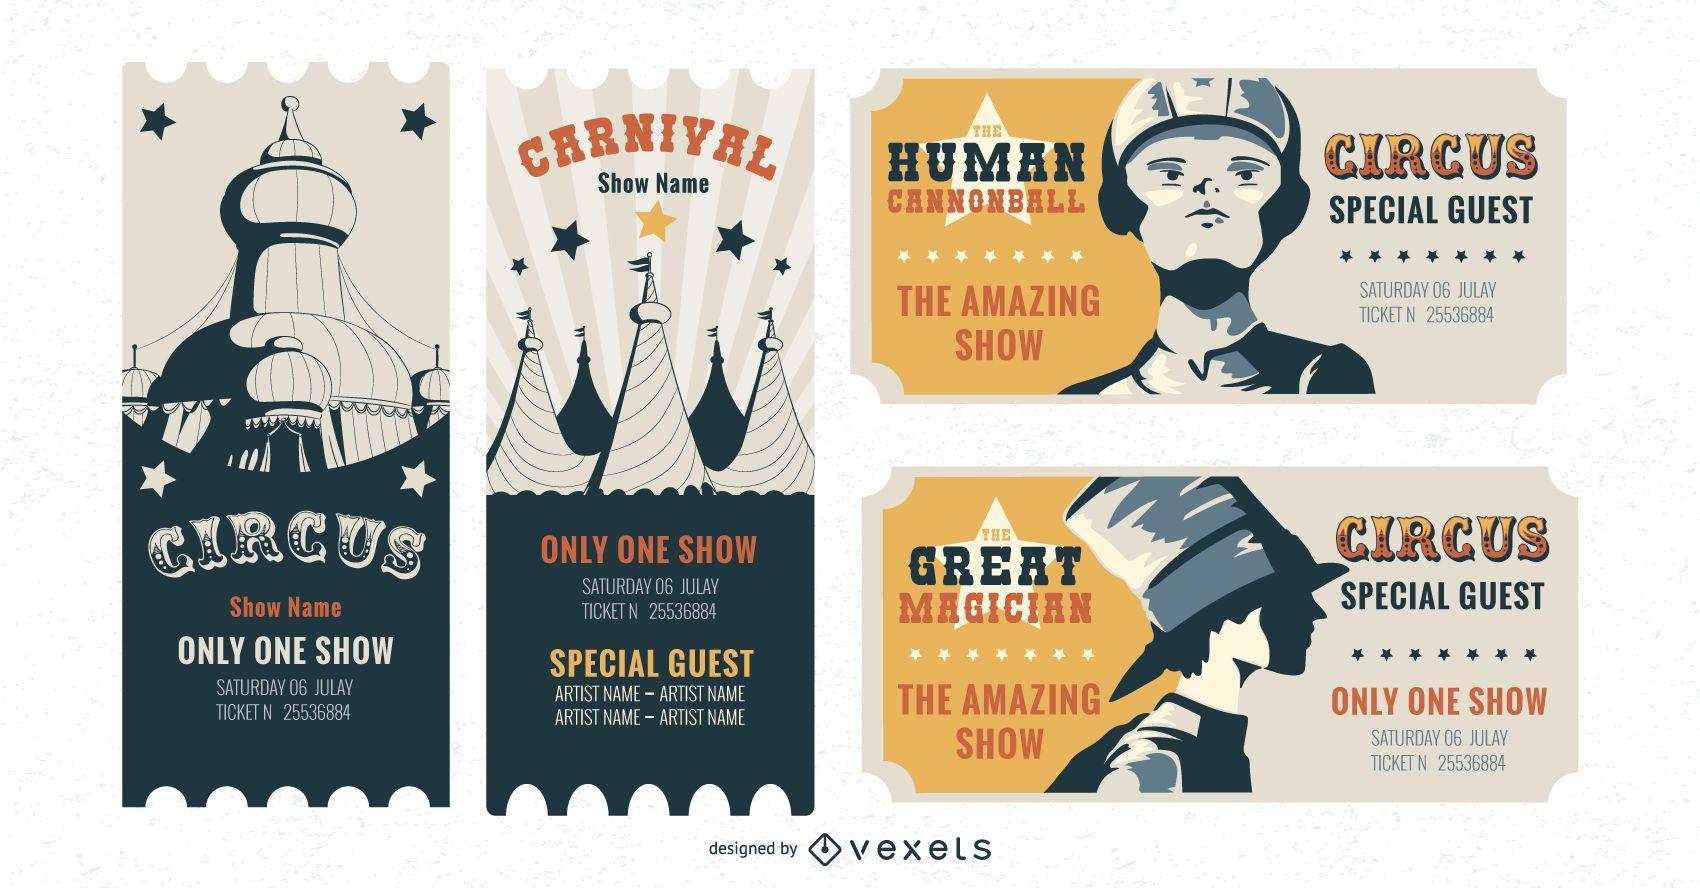 Circus Ticket Design Pack